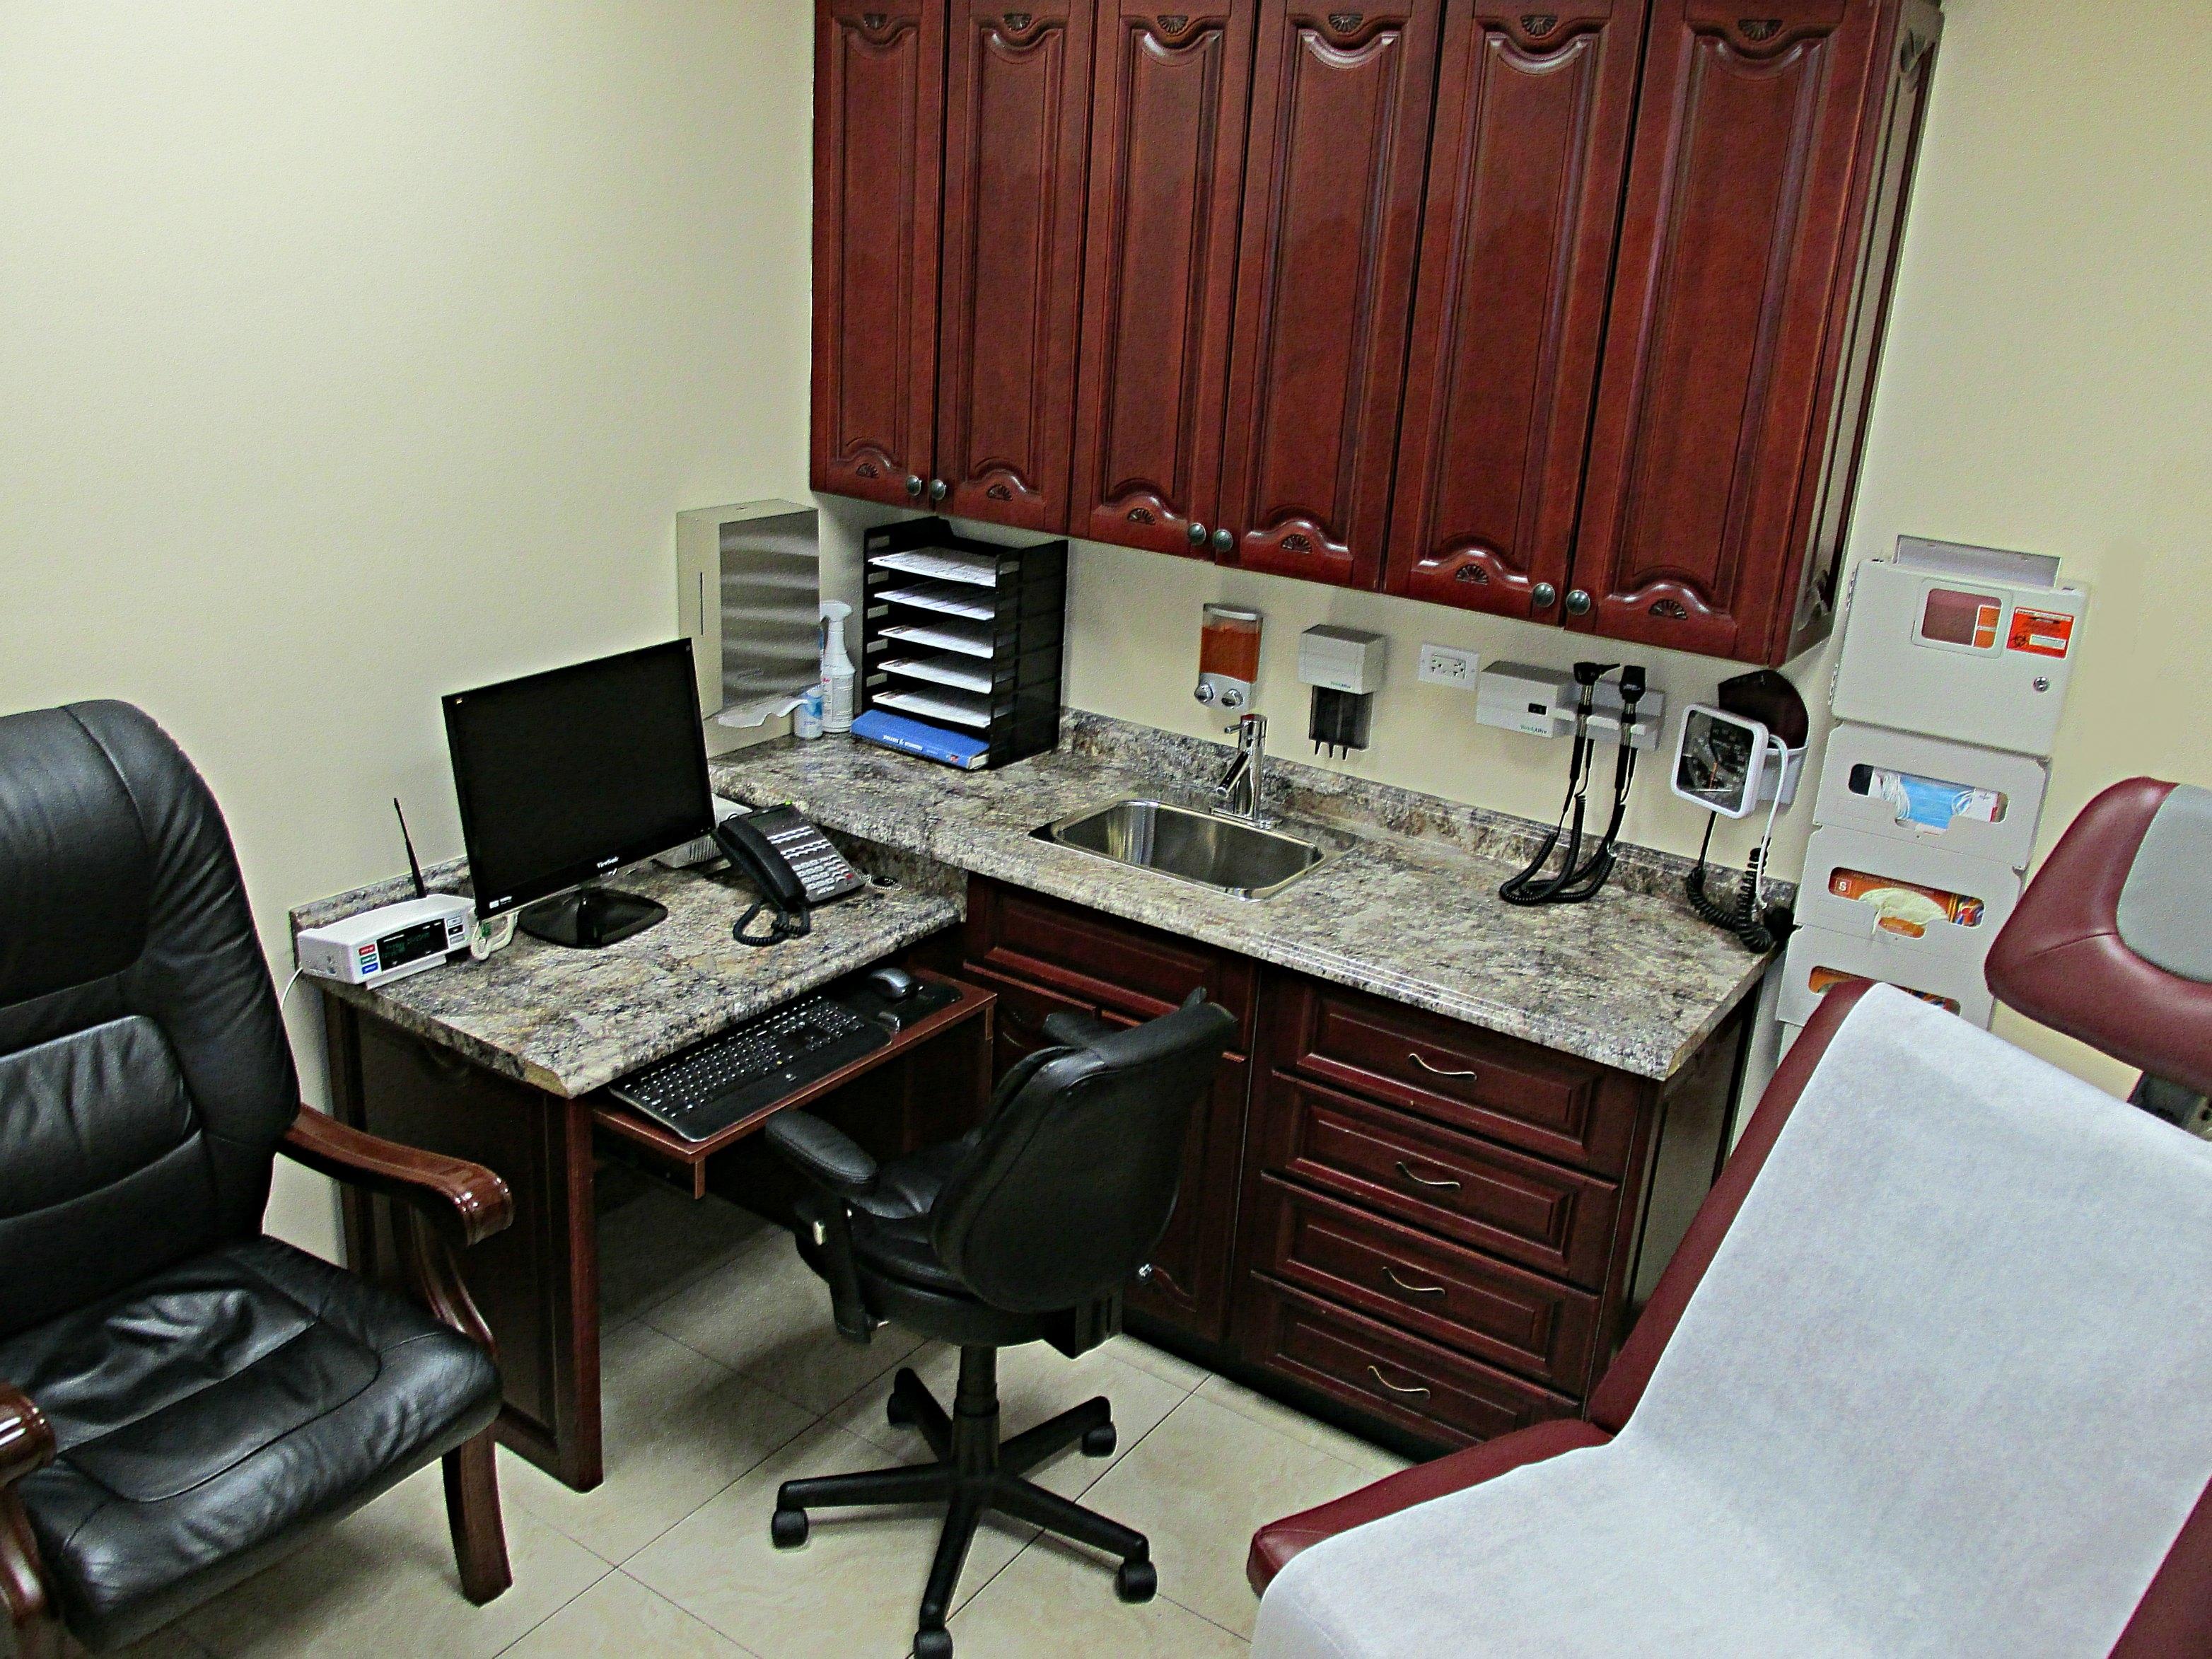 Sleep Lab at Sinai Medical Center image 1